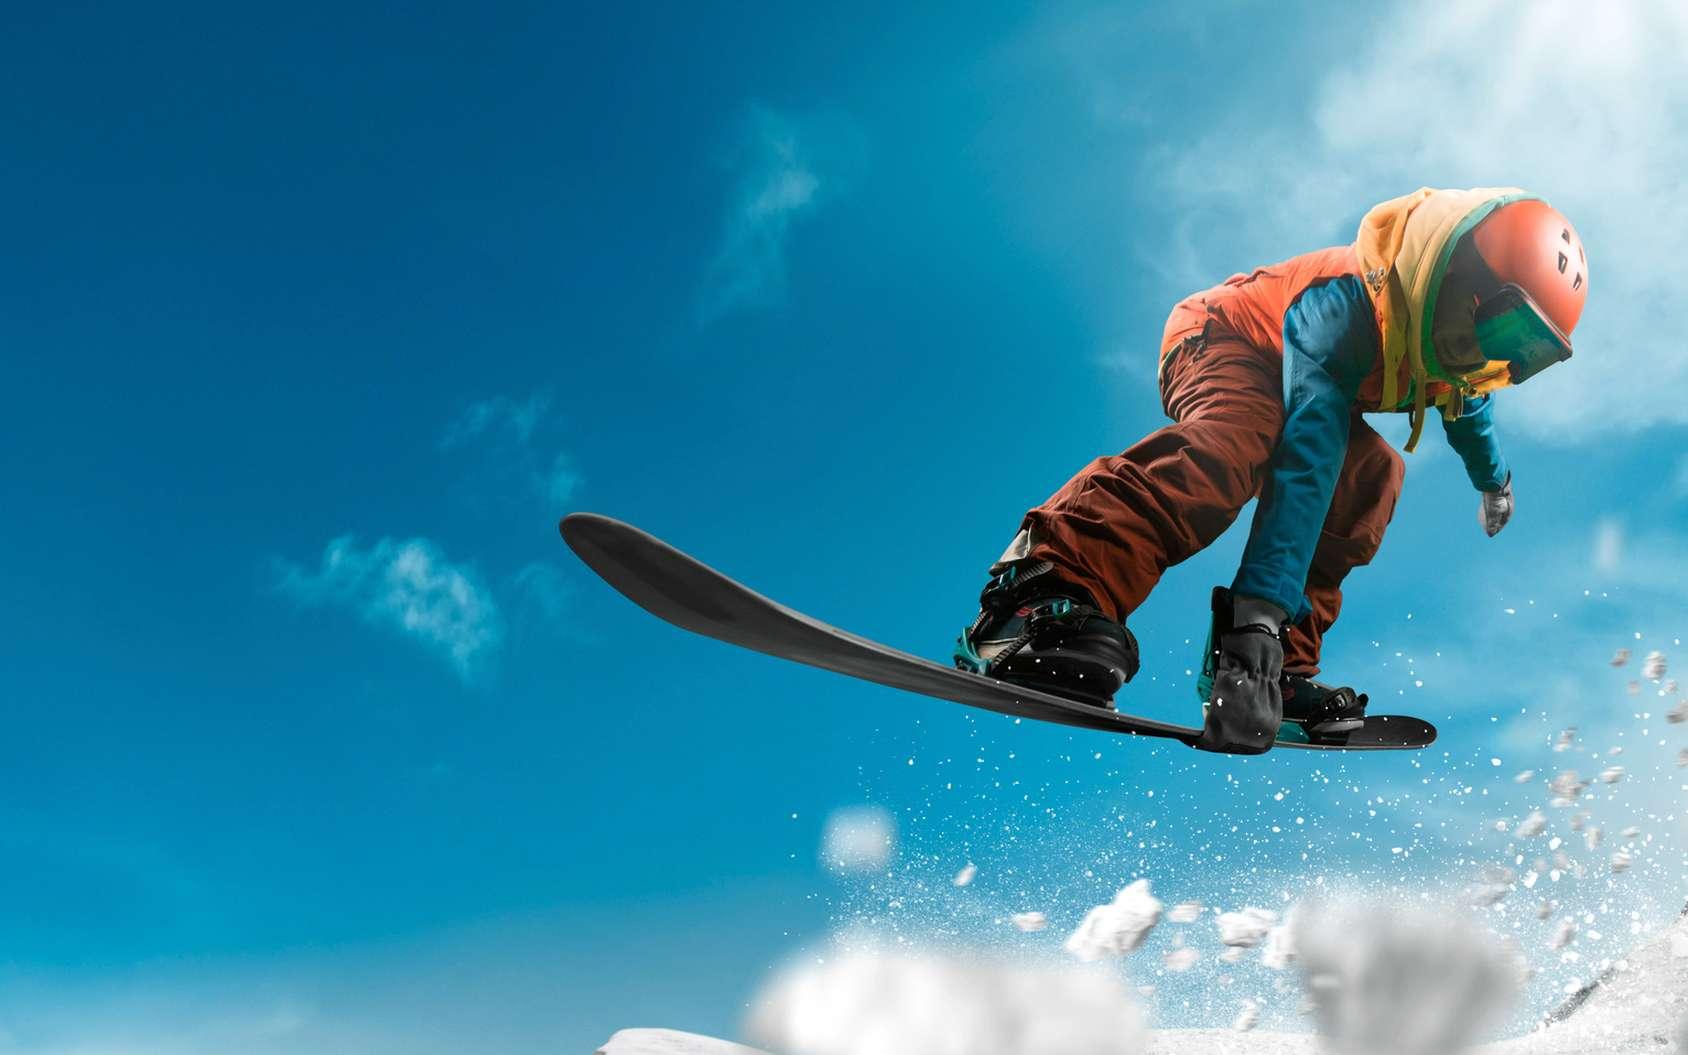 Découvrez 10 termes essentiels dans le snowboard. © Артур Дидык, fotolia